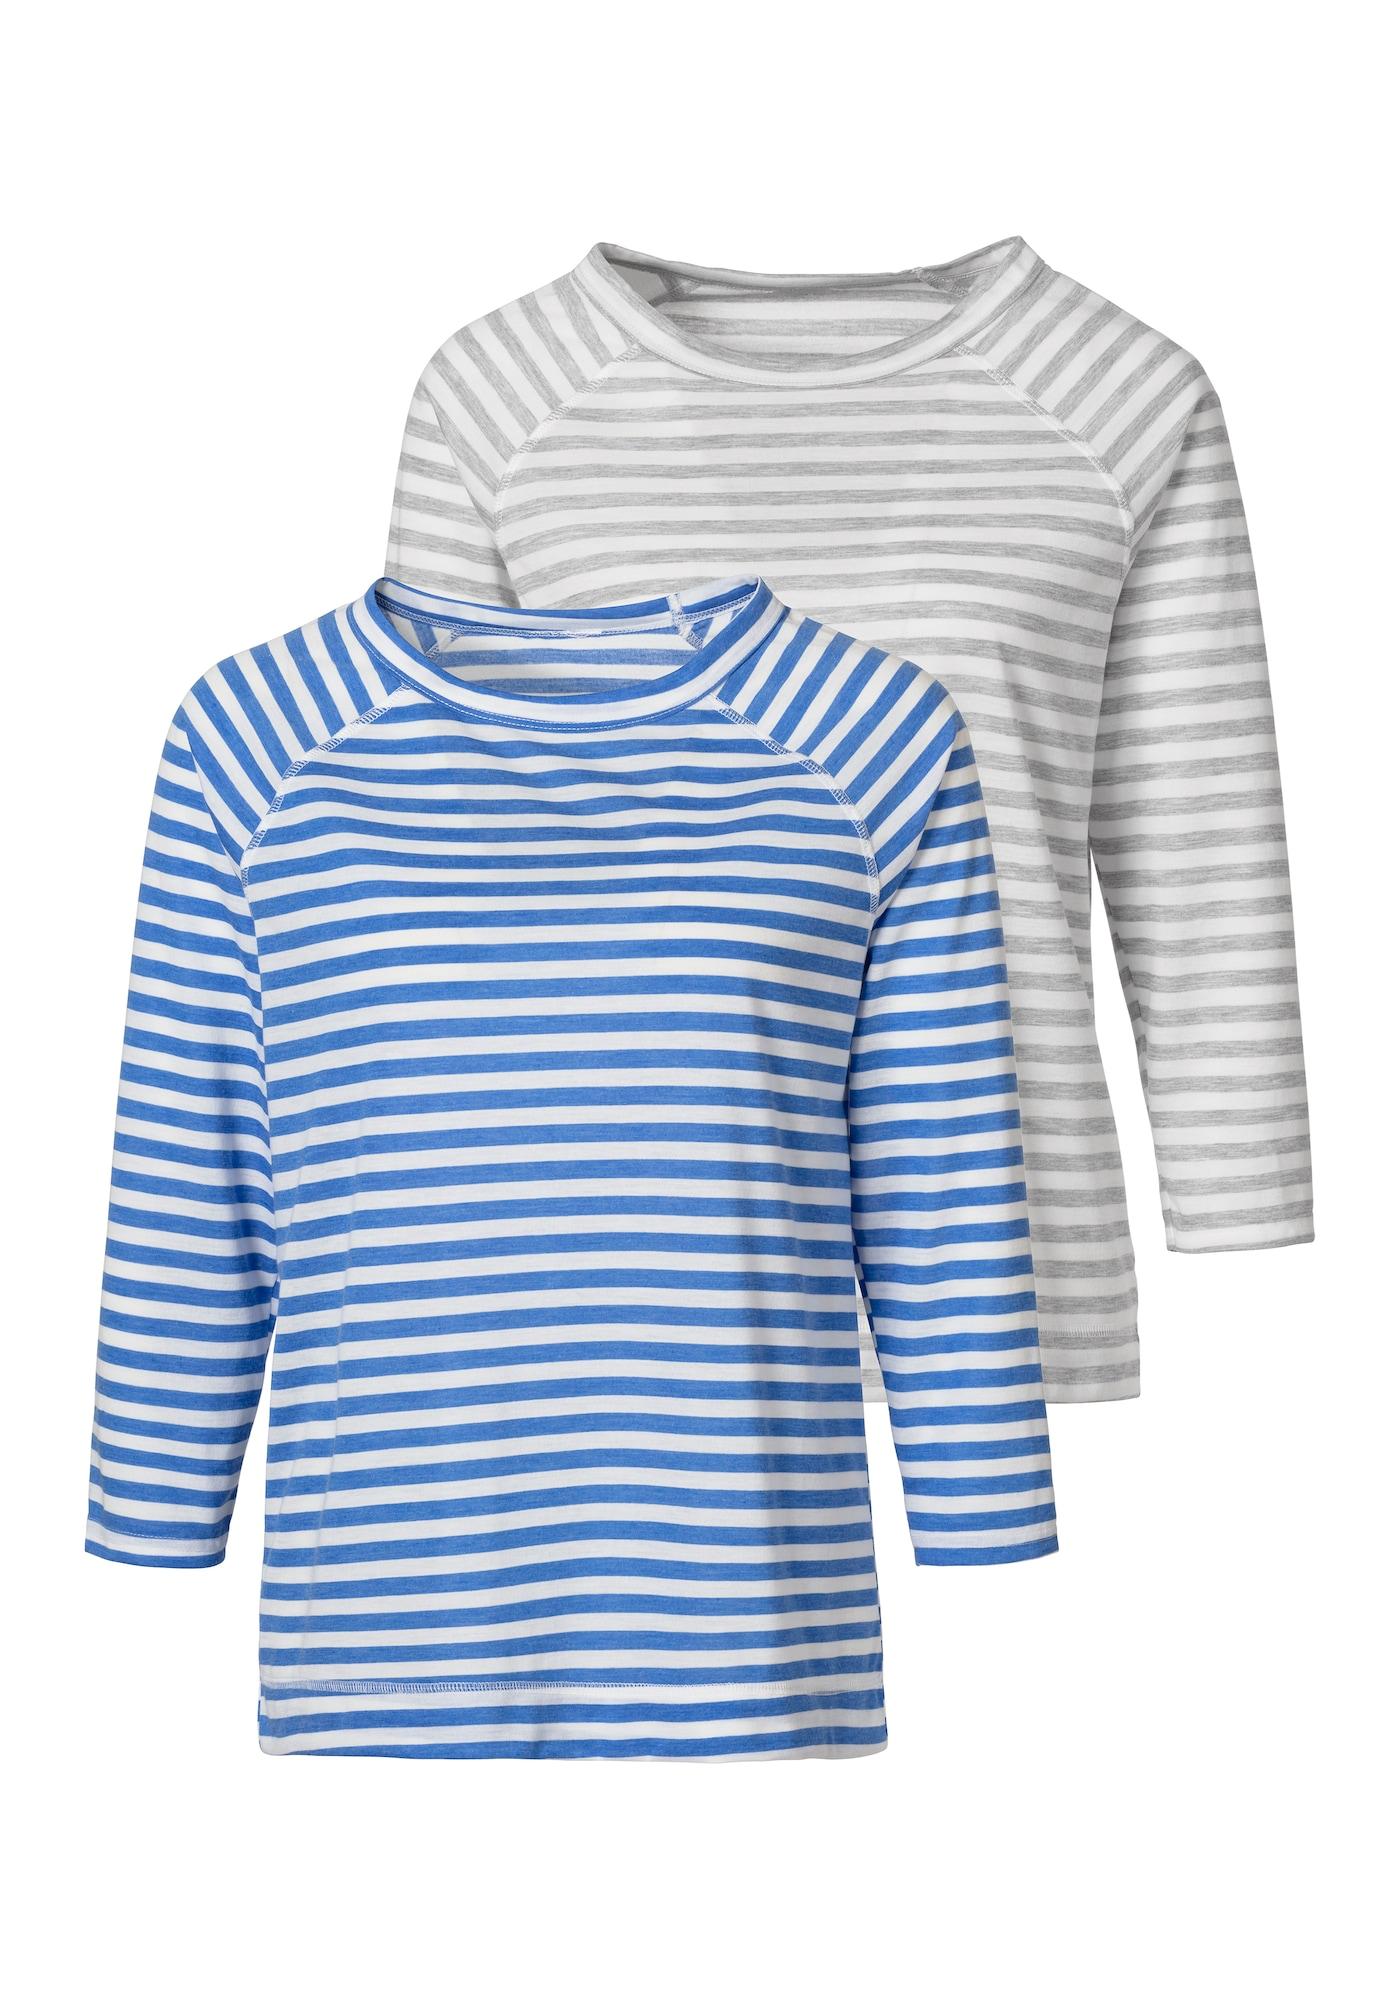 HIS JEANS Marškinėliai balta / dangaus žydra / pilka